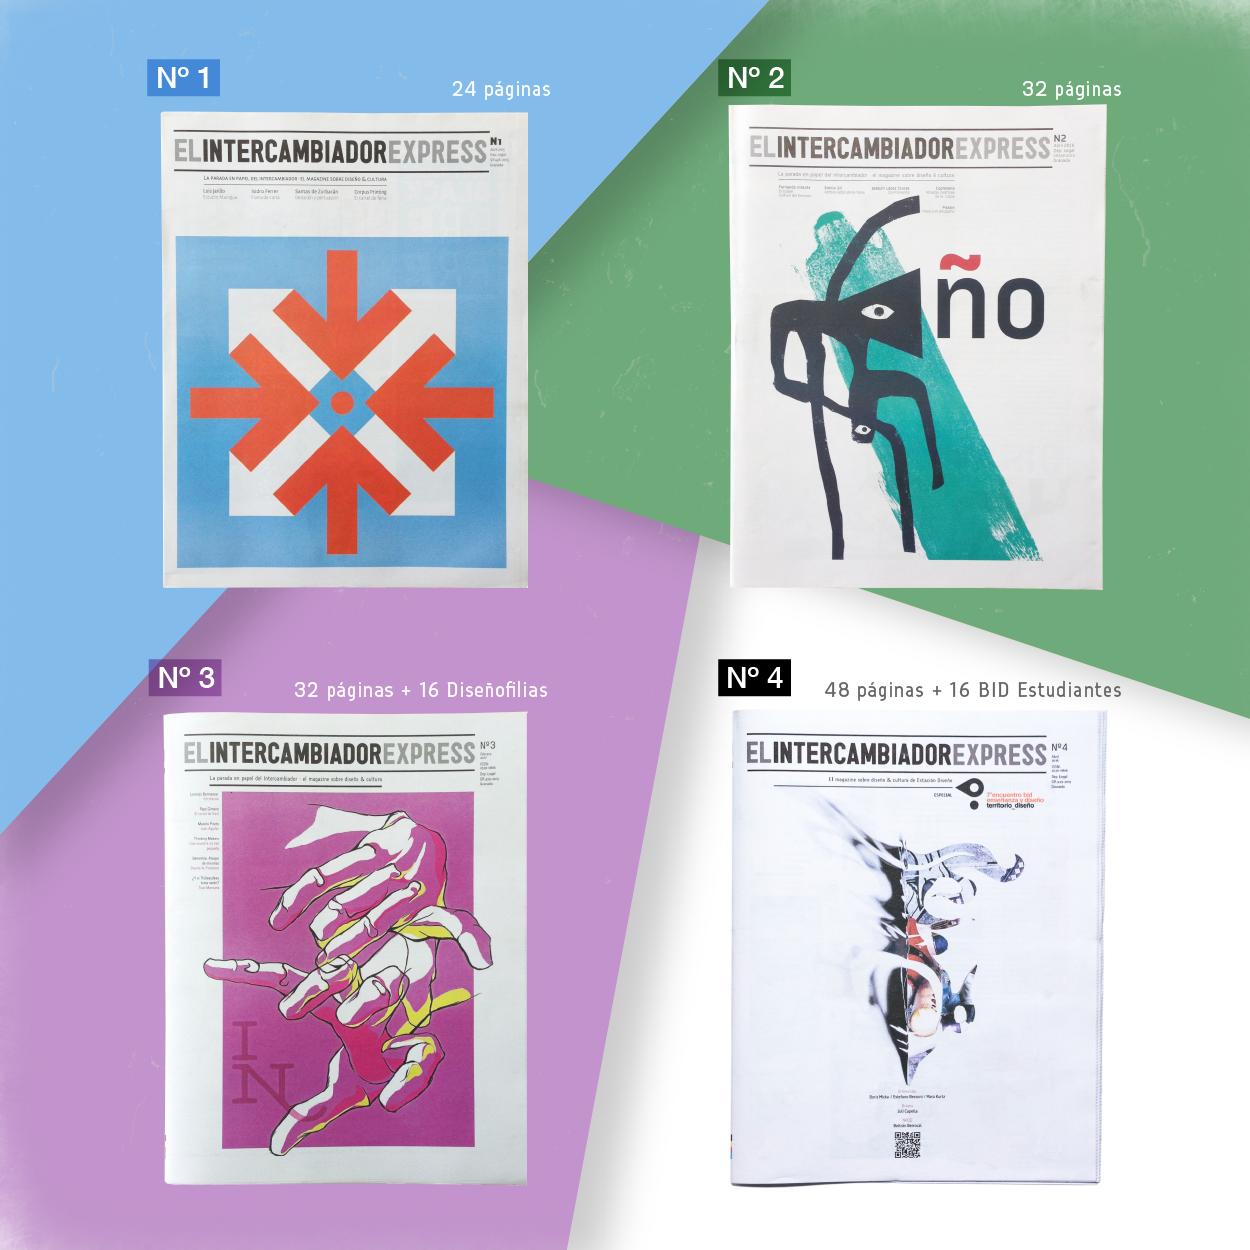 El Intercambiador Express. El magazine sobre diseño y cultura de Estación Diseño by Varios autores - Creative Work